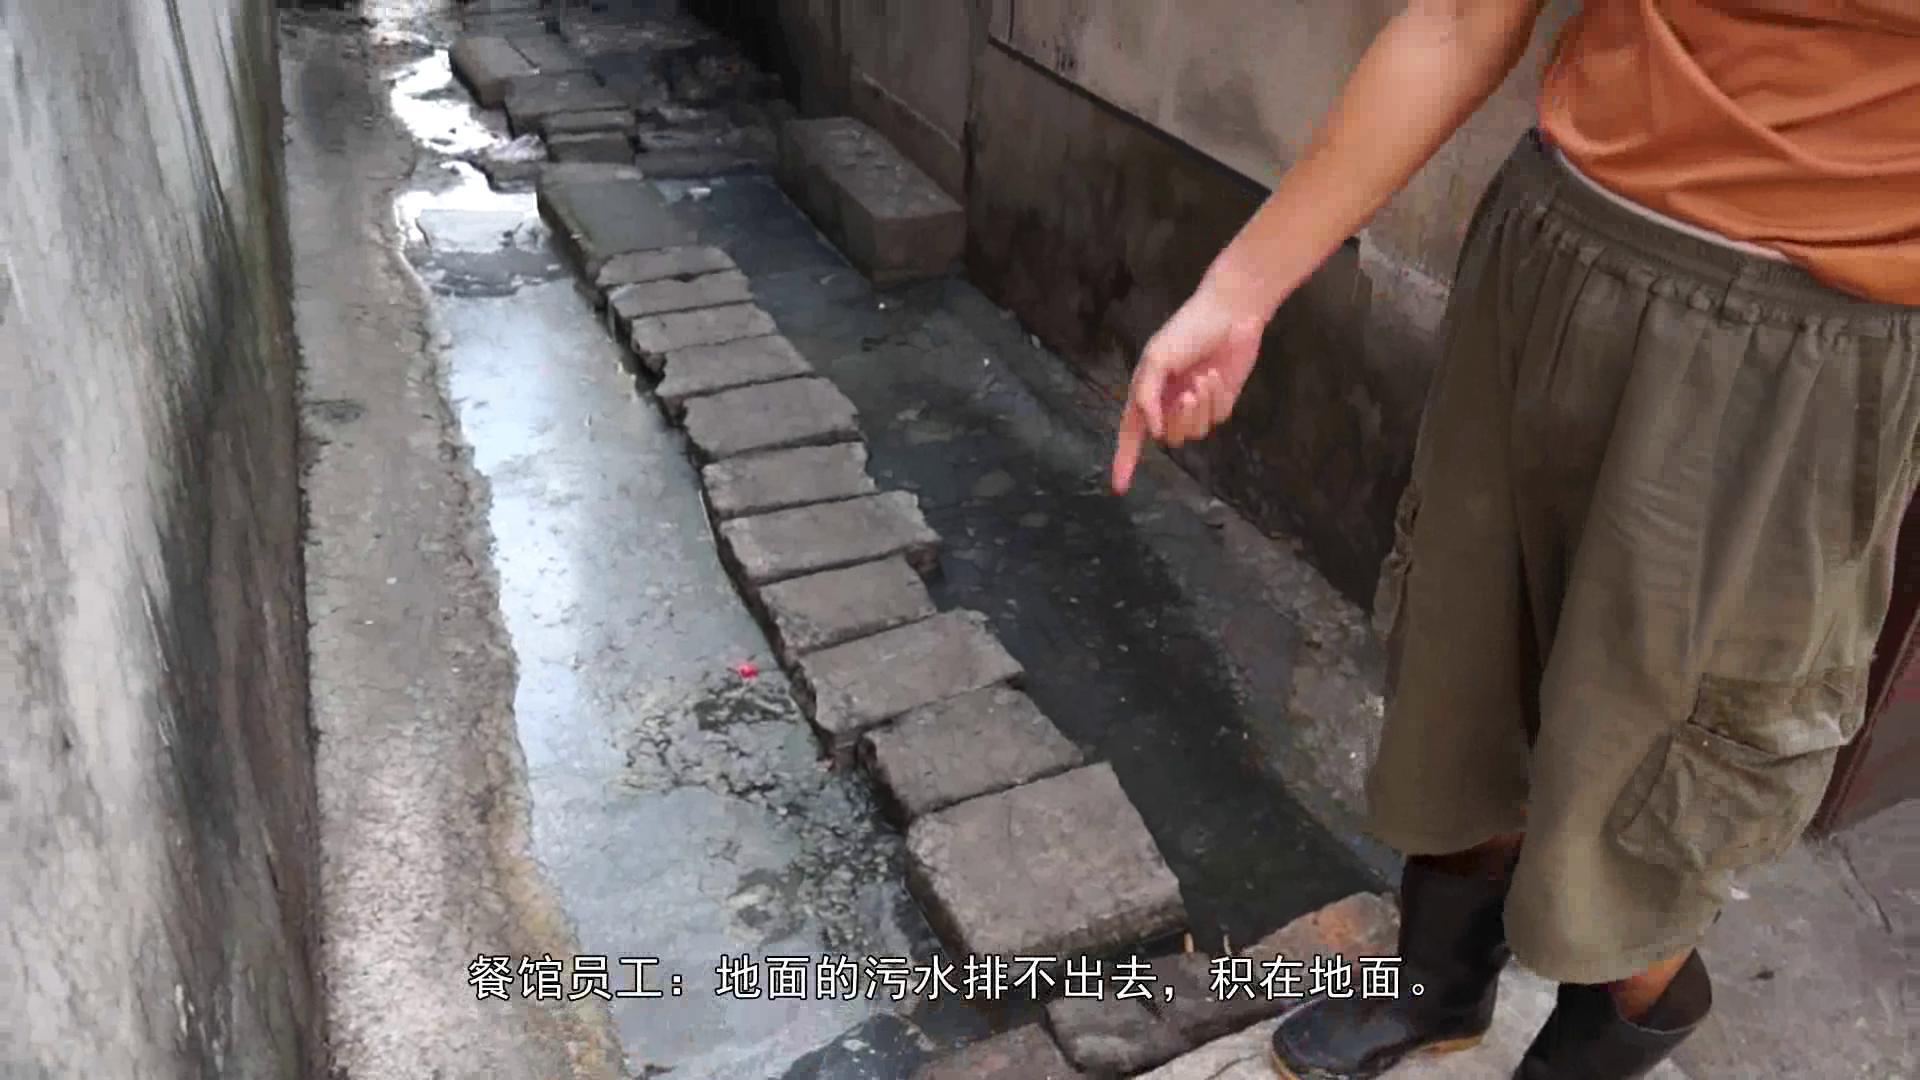 污水占领弄堂 又臭又脏